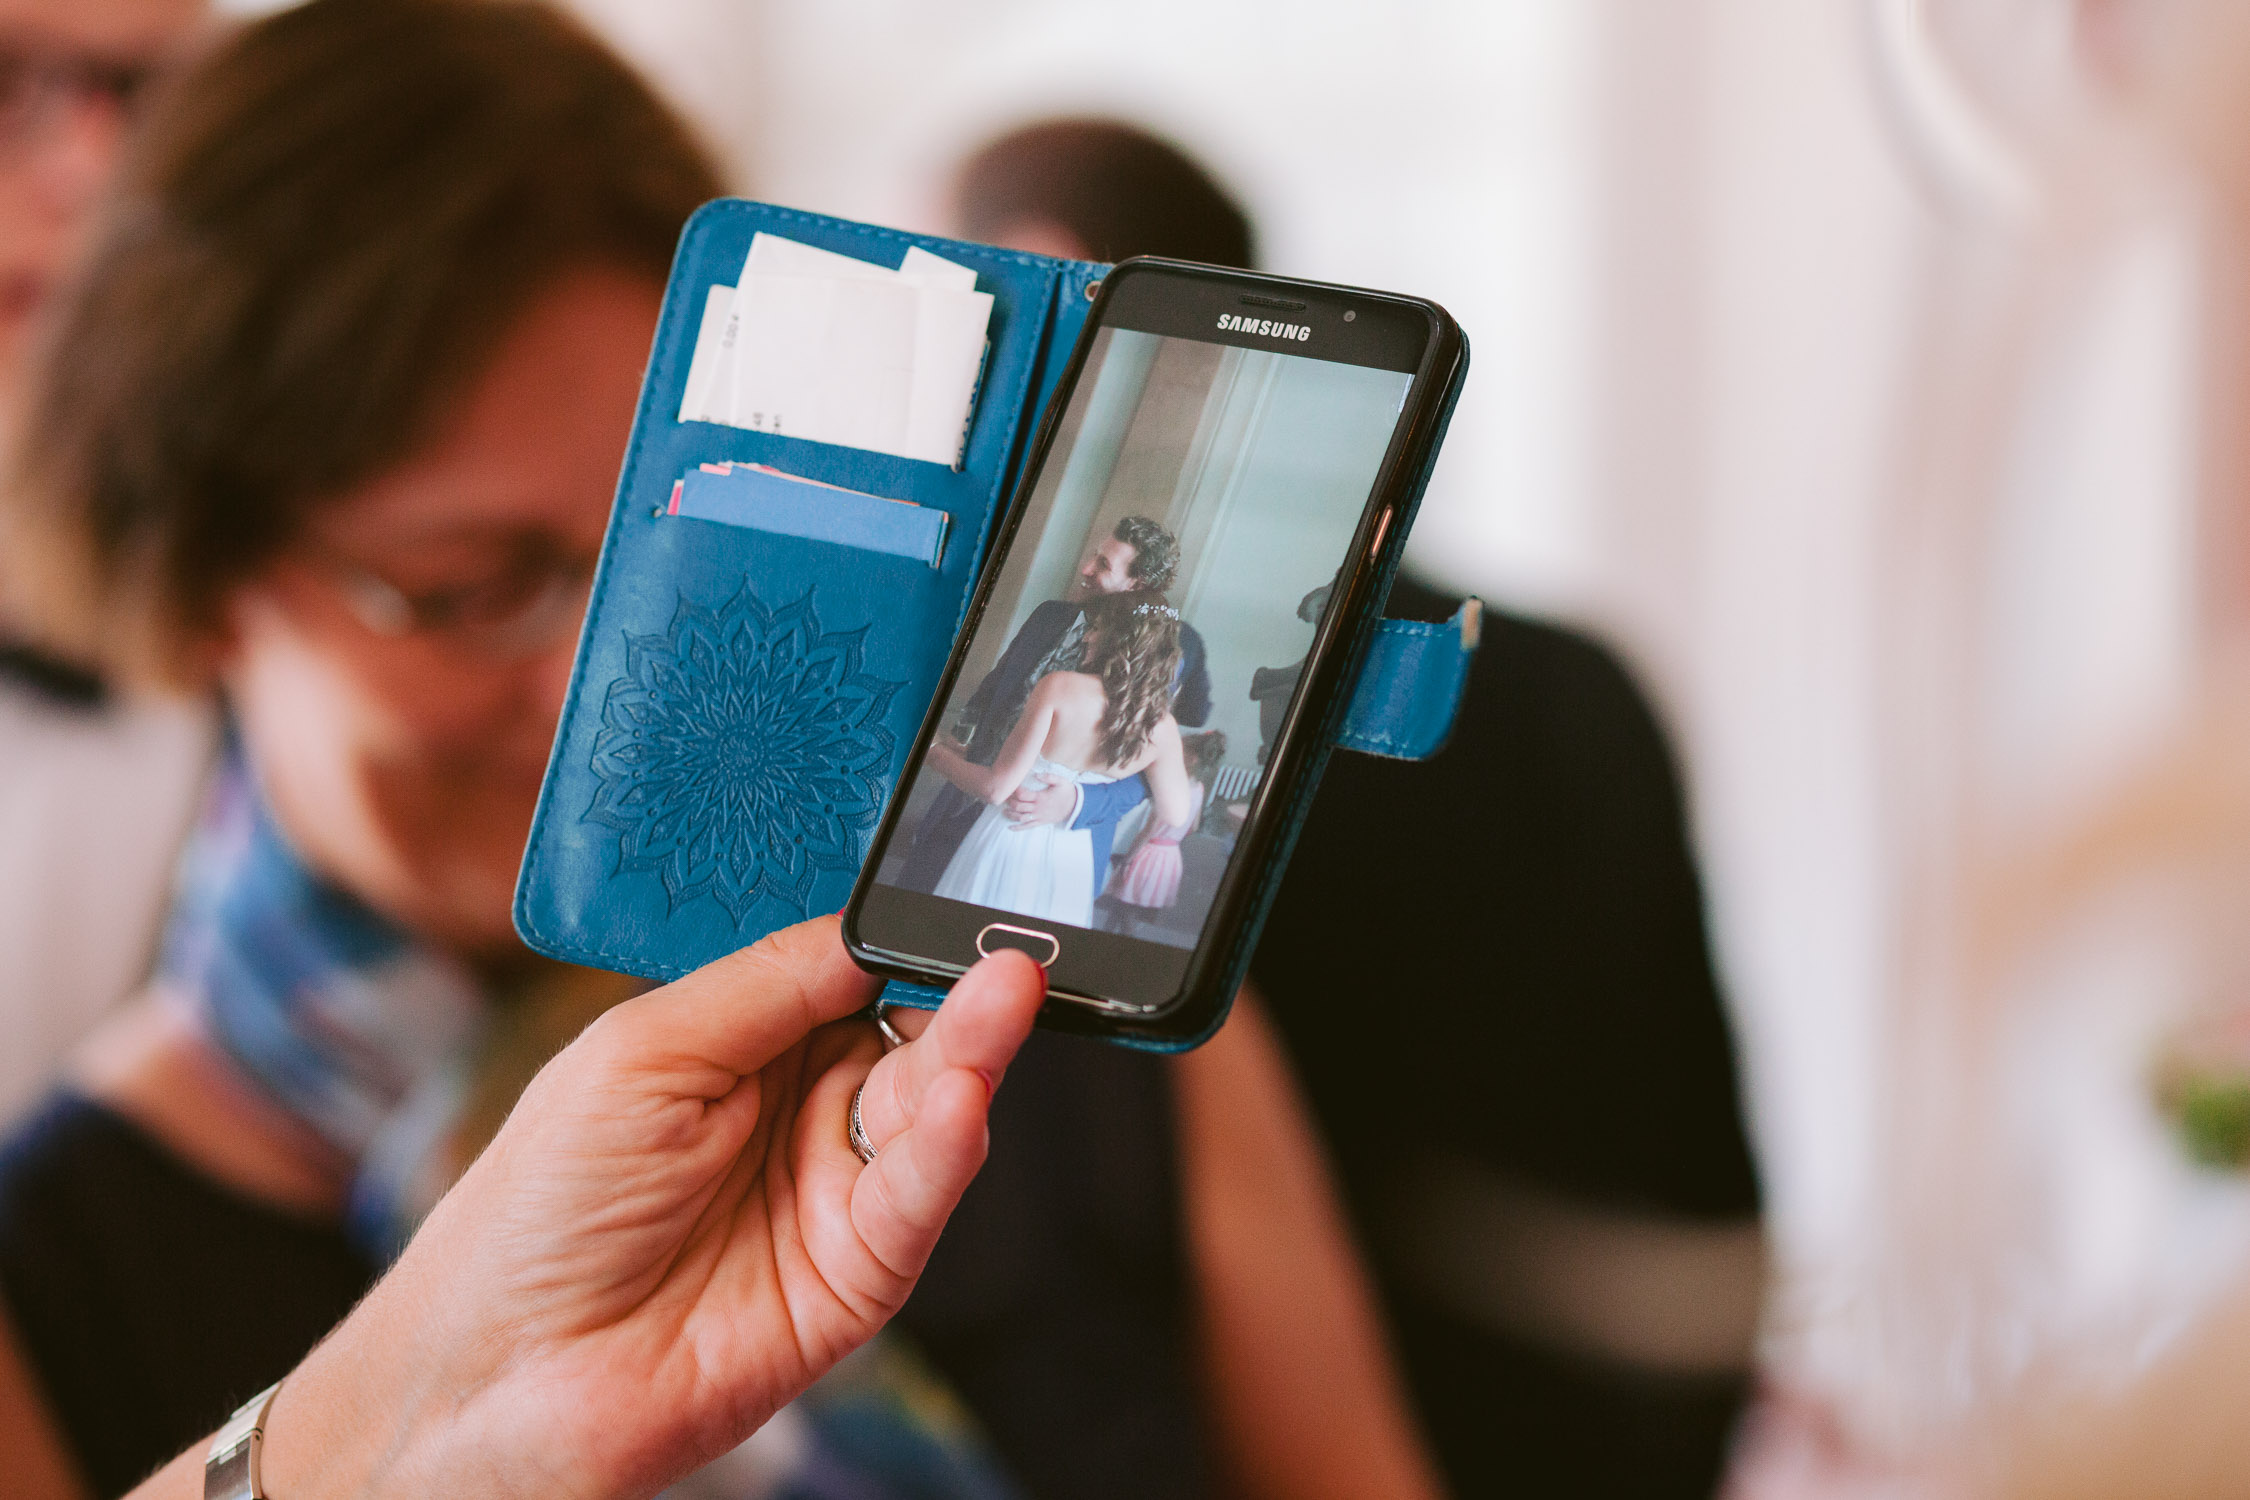 Ein Handyfoto des Brautpaares wird fotografiert